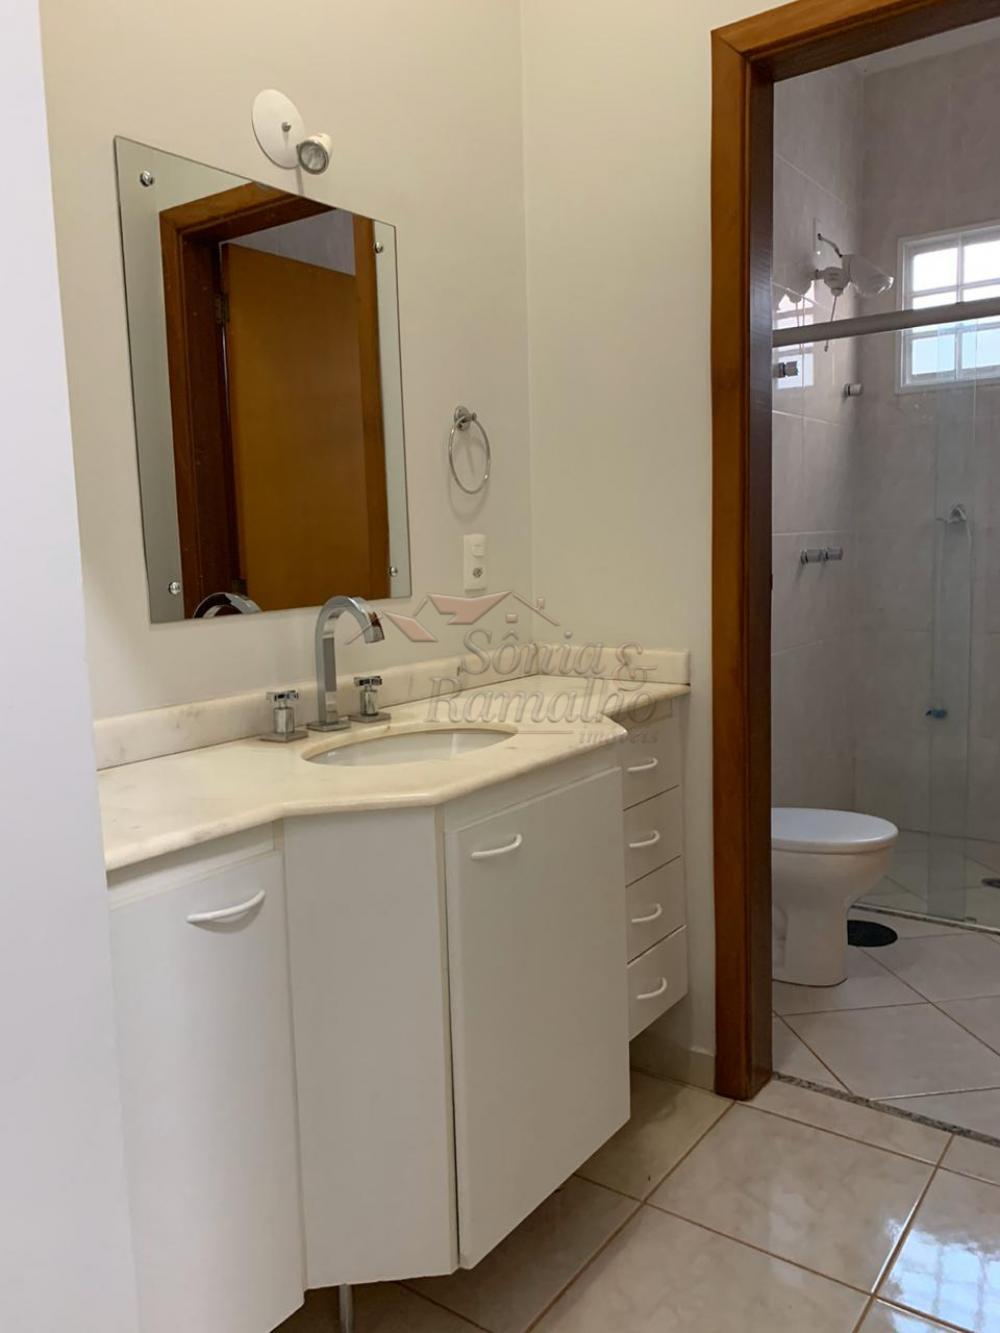 Alugar Casas / Padrão em Ribeirão Preto apenas R$ 3.600,00 - Foto 17